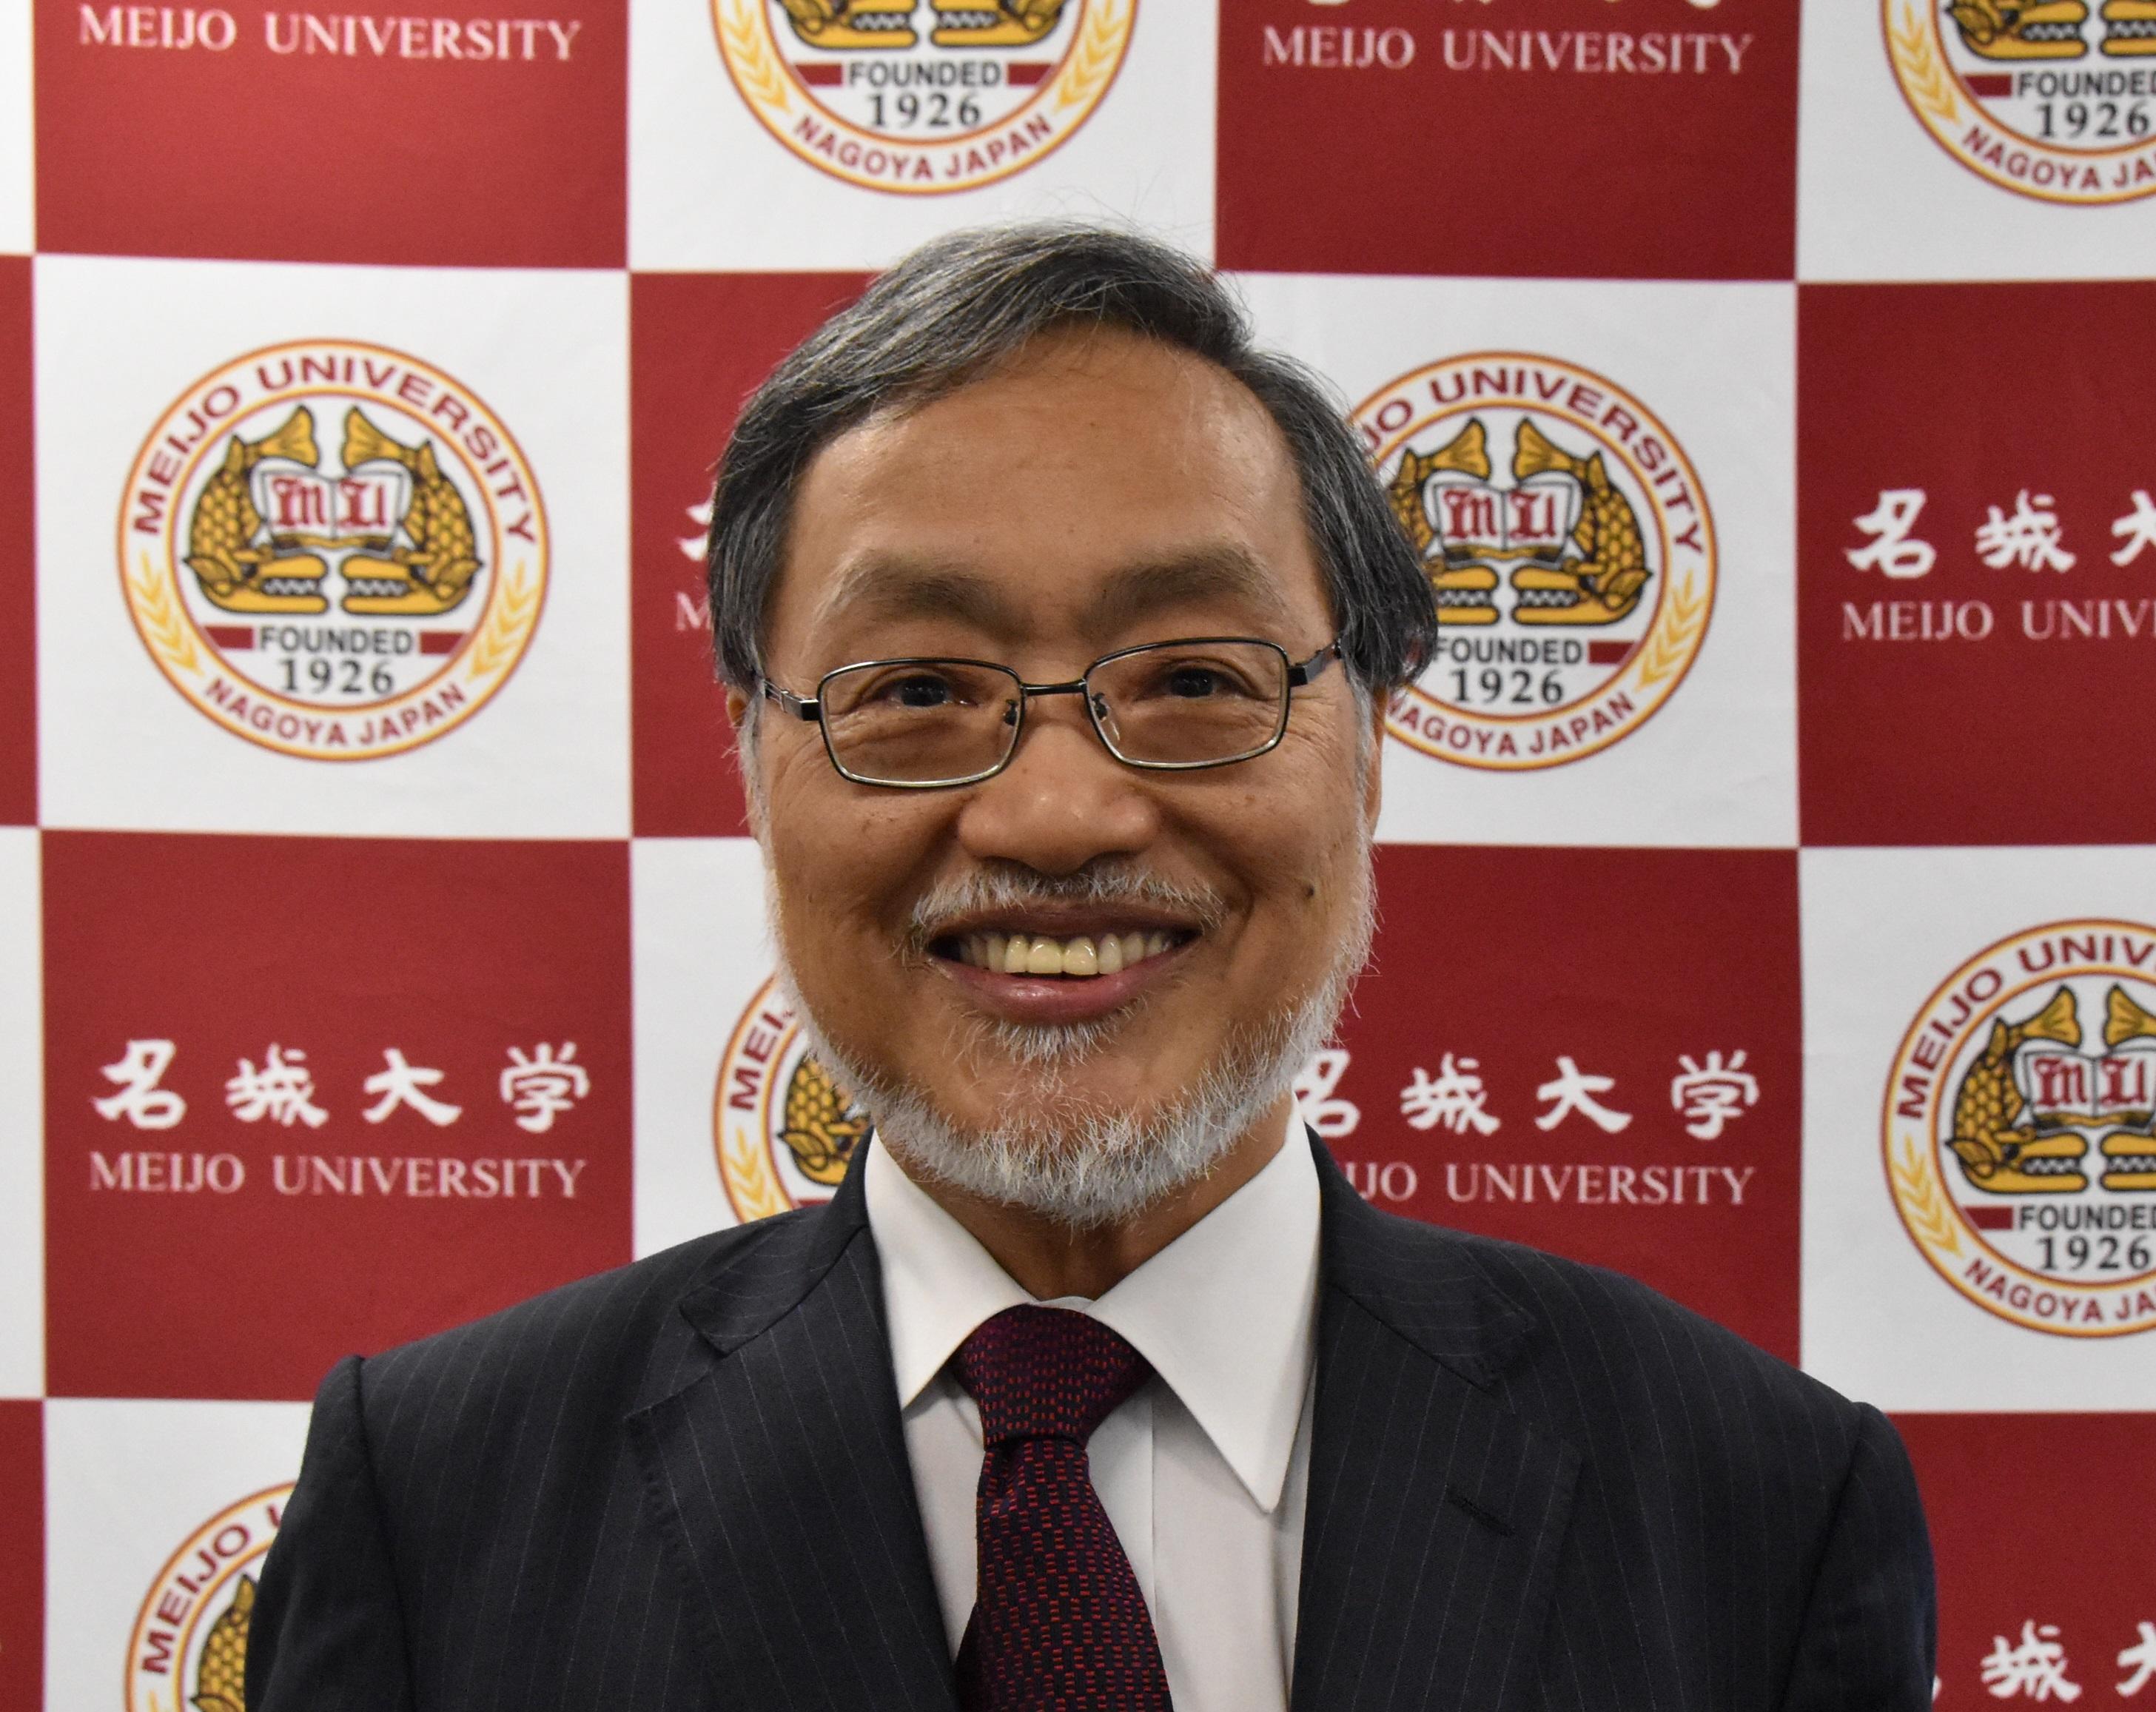 福田敏男教授